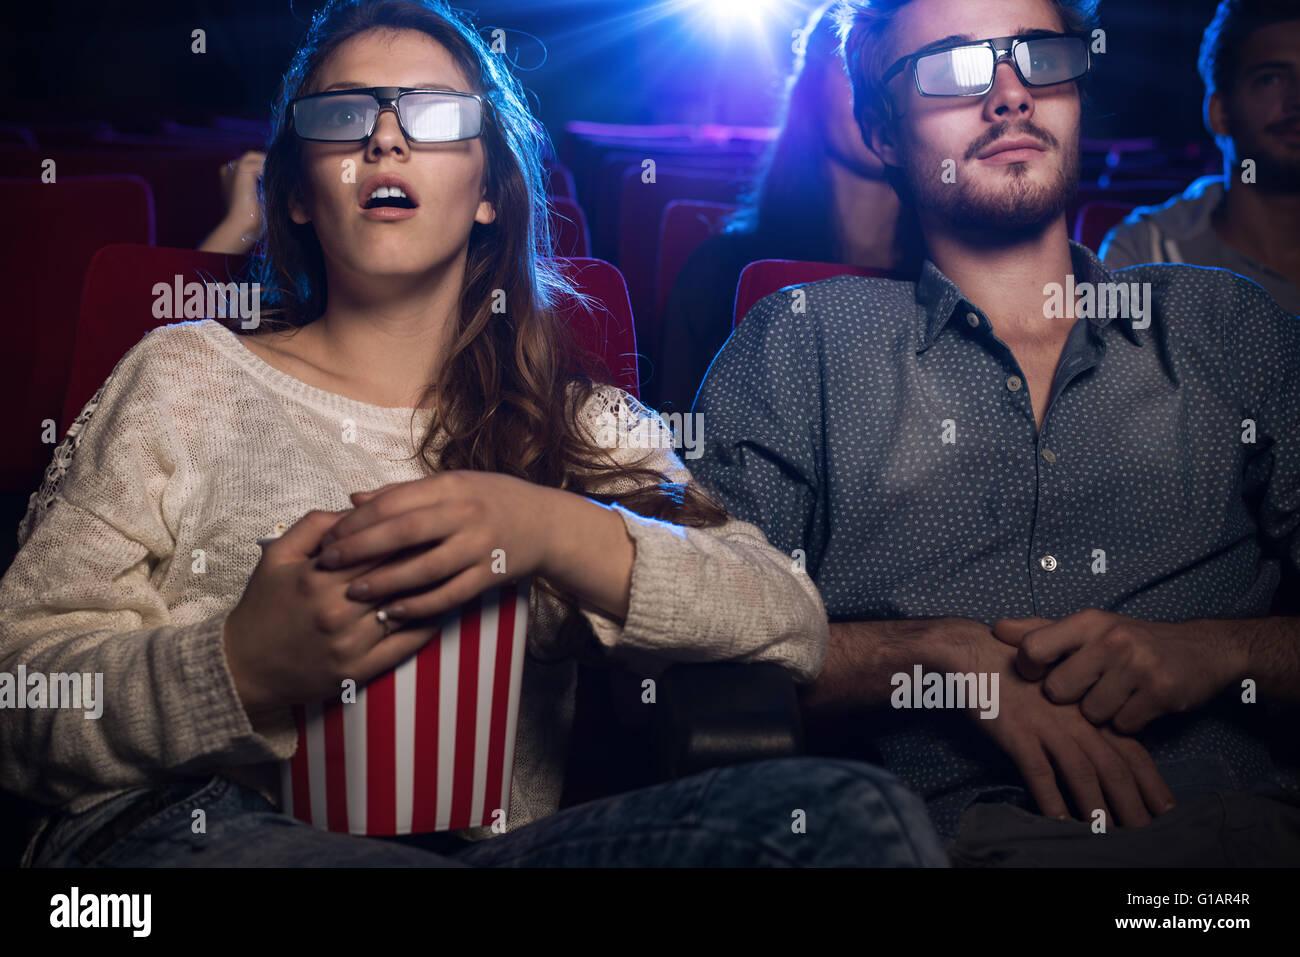 Junge Teenager im Kino eine Brille und einen 3d Film, ist eine Mädchen essen Popcorn, Unterhaltung und Filmen Stockbild